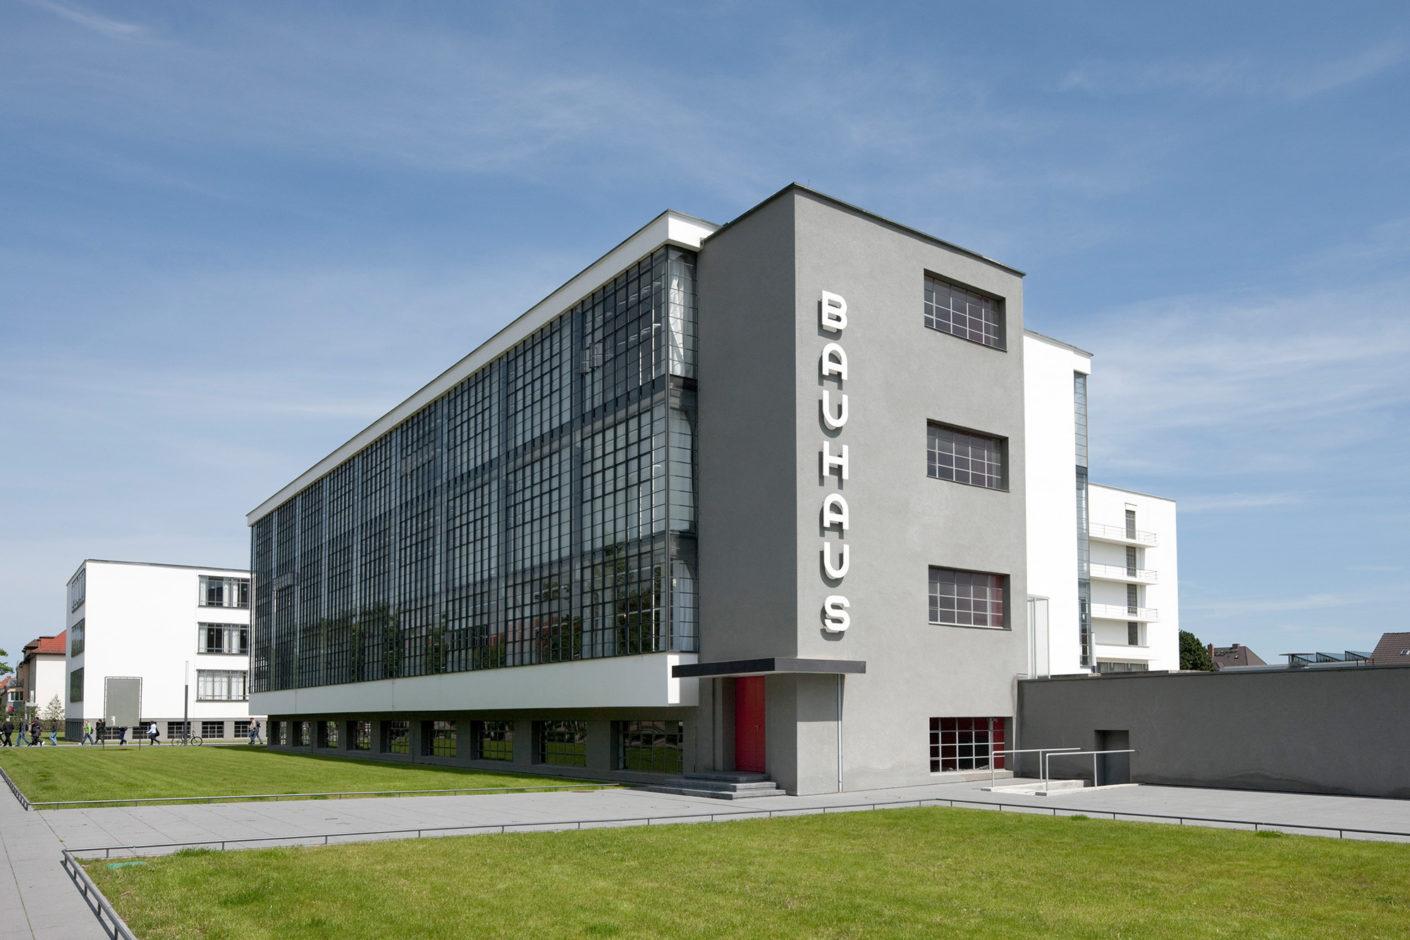 Full Size of Paravent Bauhaus Dessau Ein Besuch Zum Jubilumsjahr Stylepark Garten Fenster Wohnzimmer Paravent Bauhaus